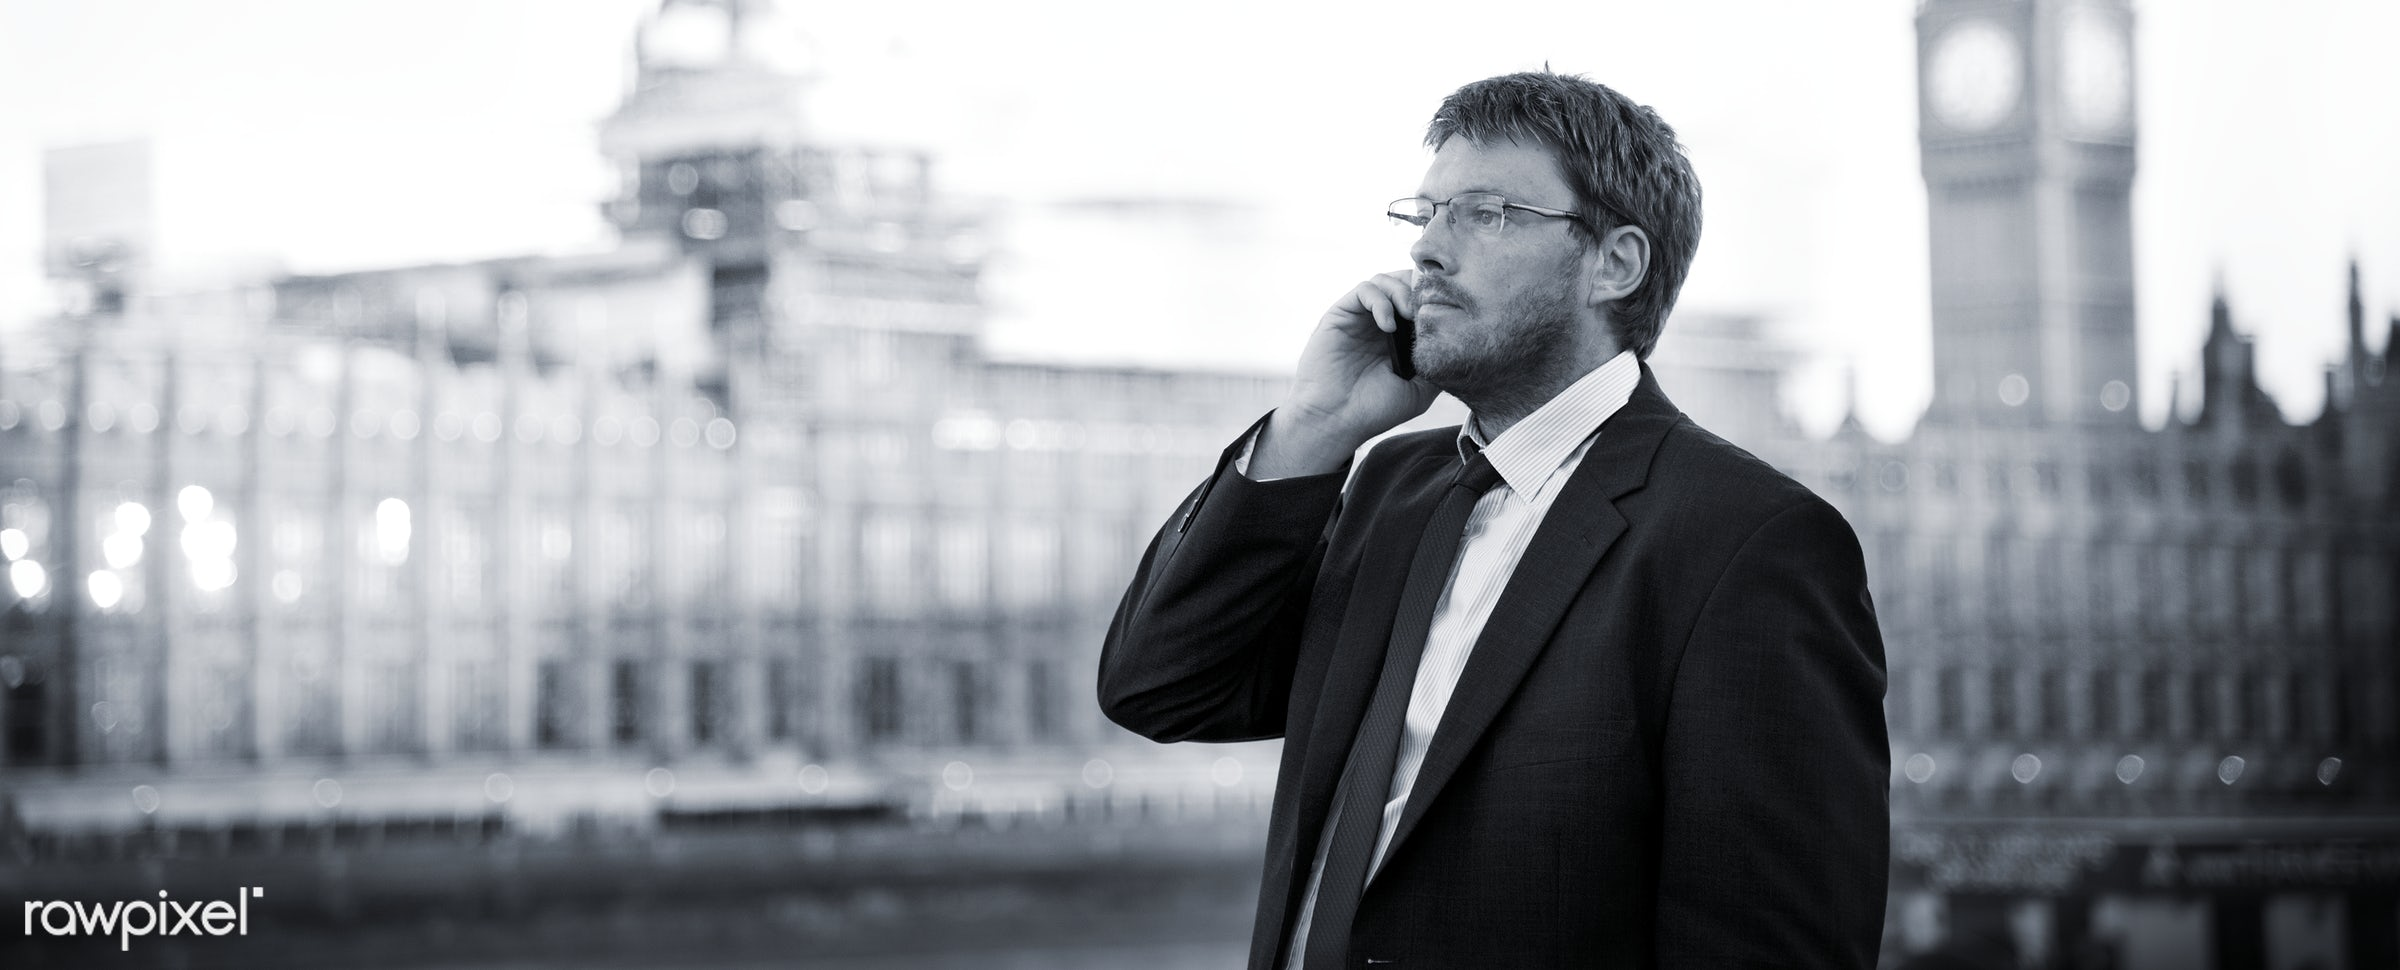 Businessman Caucasian Male Professional Concept - adult, architecture, aspirations, bridge, britain, building, business,...